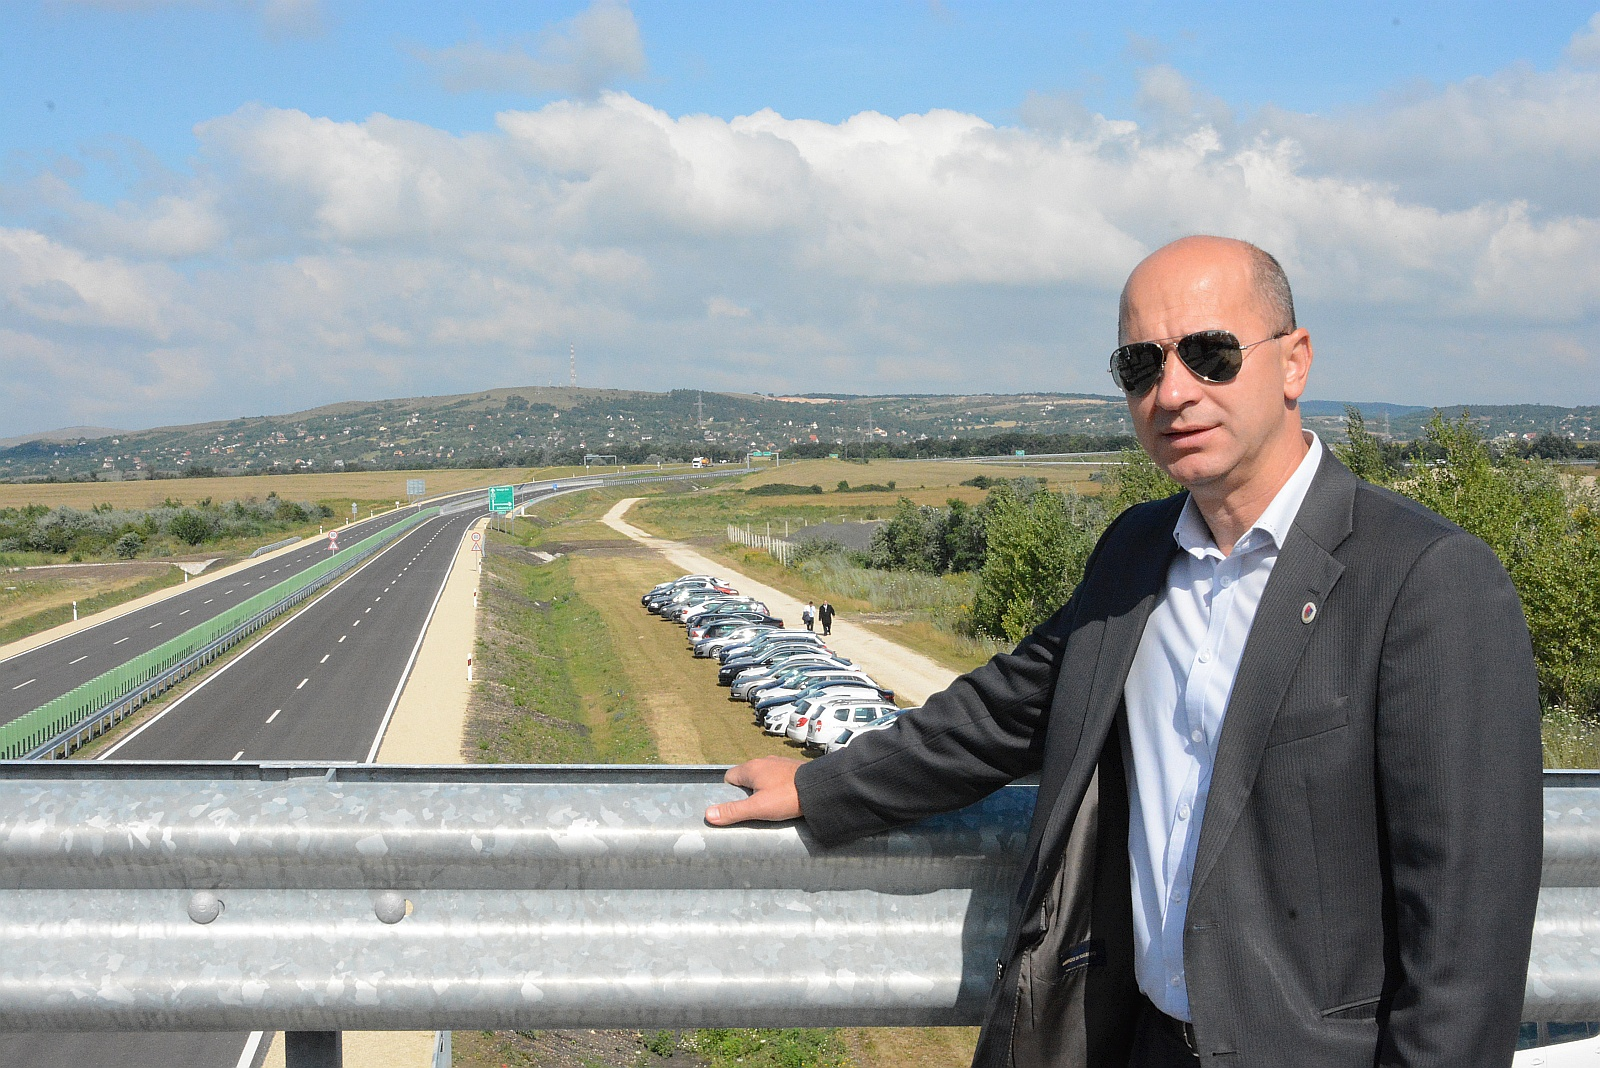 A képen a forgalomnak átadott 8-as főút szakasza, Gáll Attila polgármesterrel és a háttérben Iszkaszentgyörggyel.